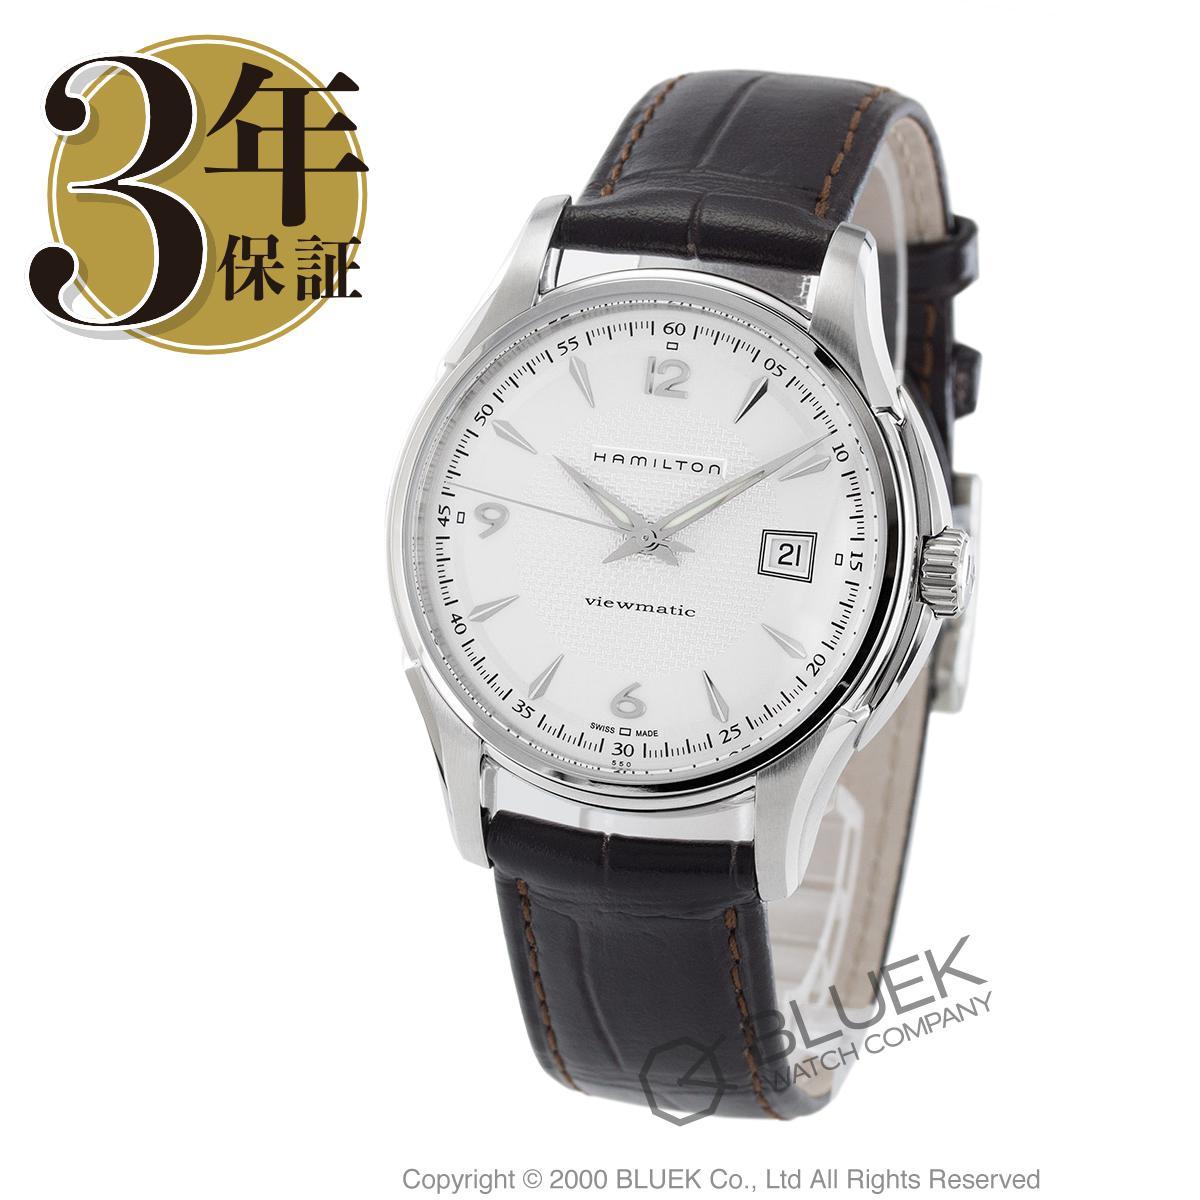 ハミルトン ジャズマスター ビューマチック 腕時計 メンズ HAMILTON H32515555_3